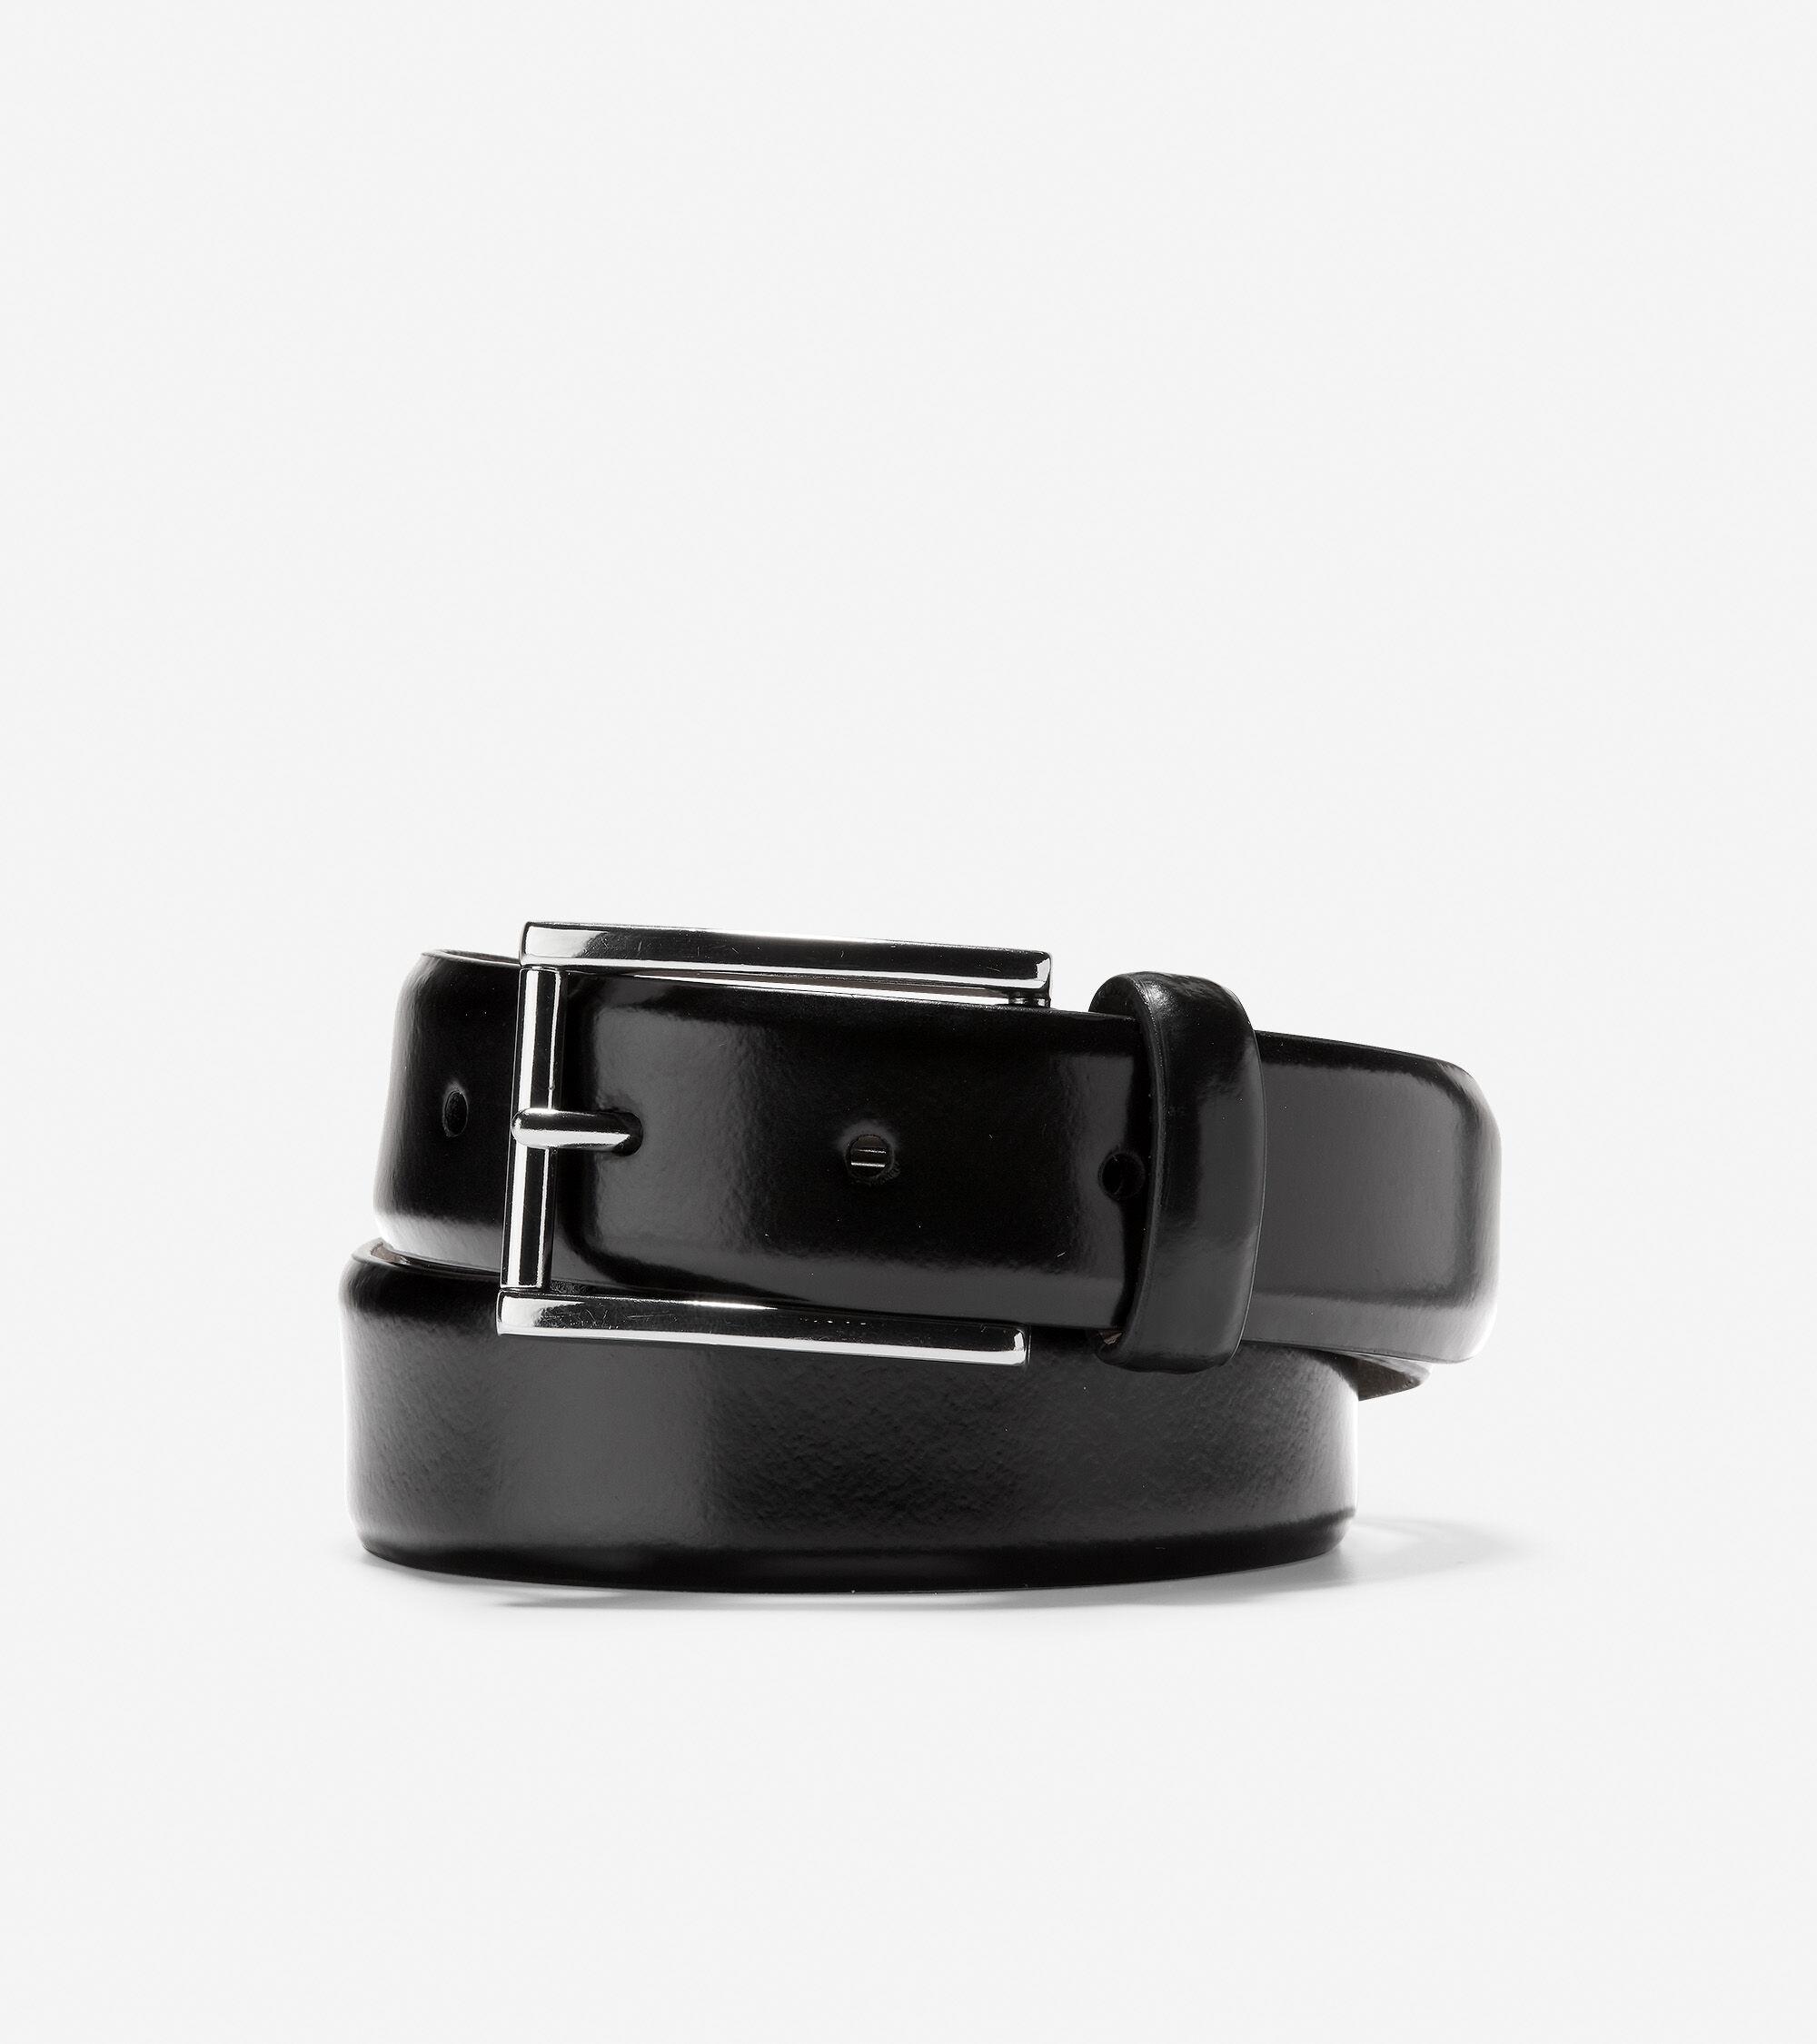 Cole Haan Warner 32mm Dress Belt - Black - Size: 32